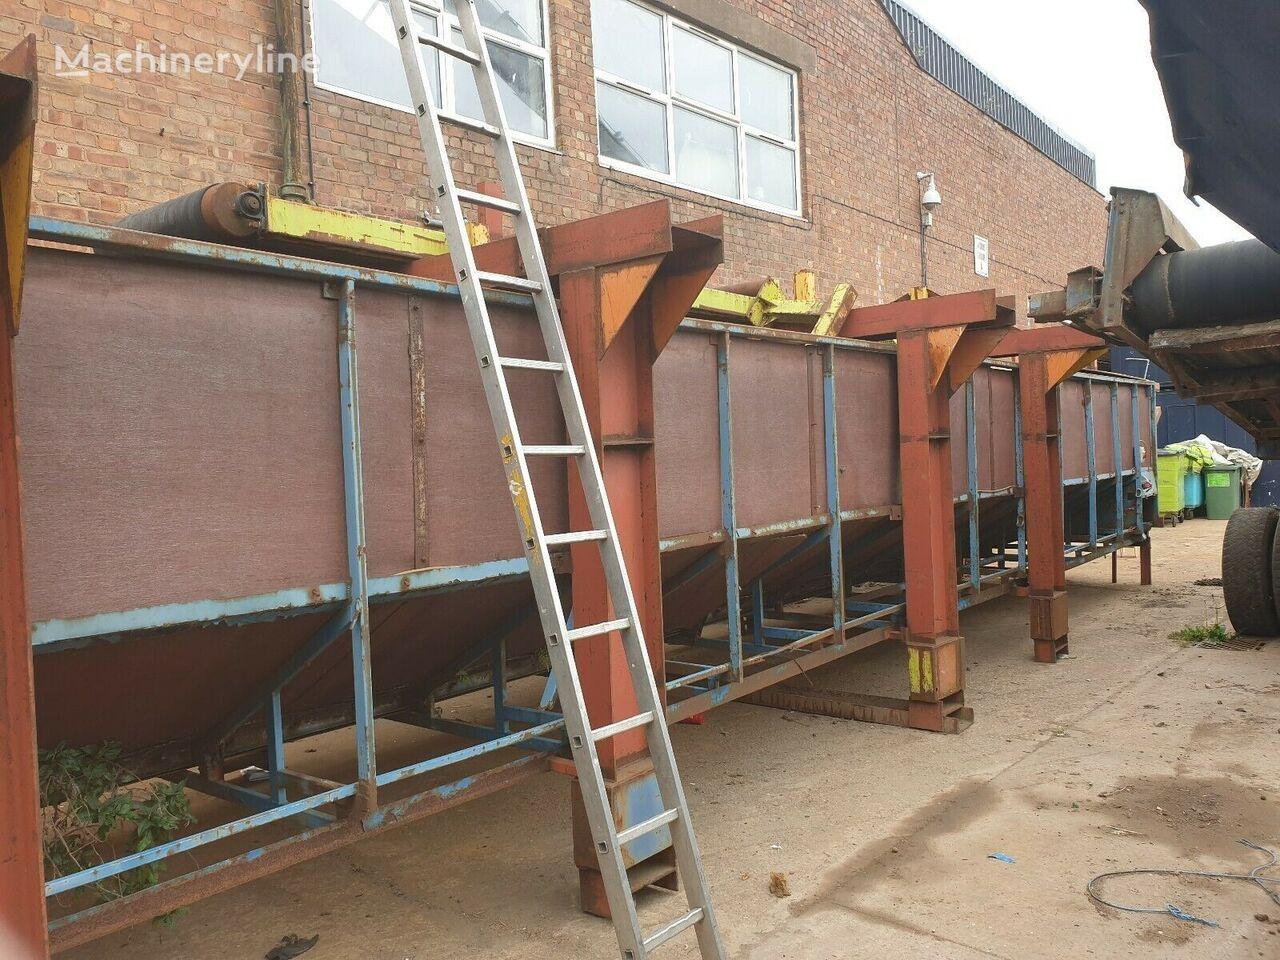 Hopper Conveyor belt conveyor